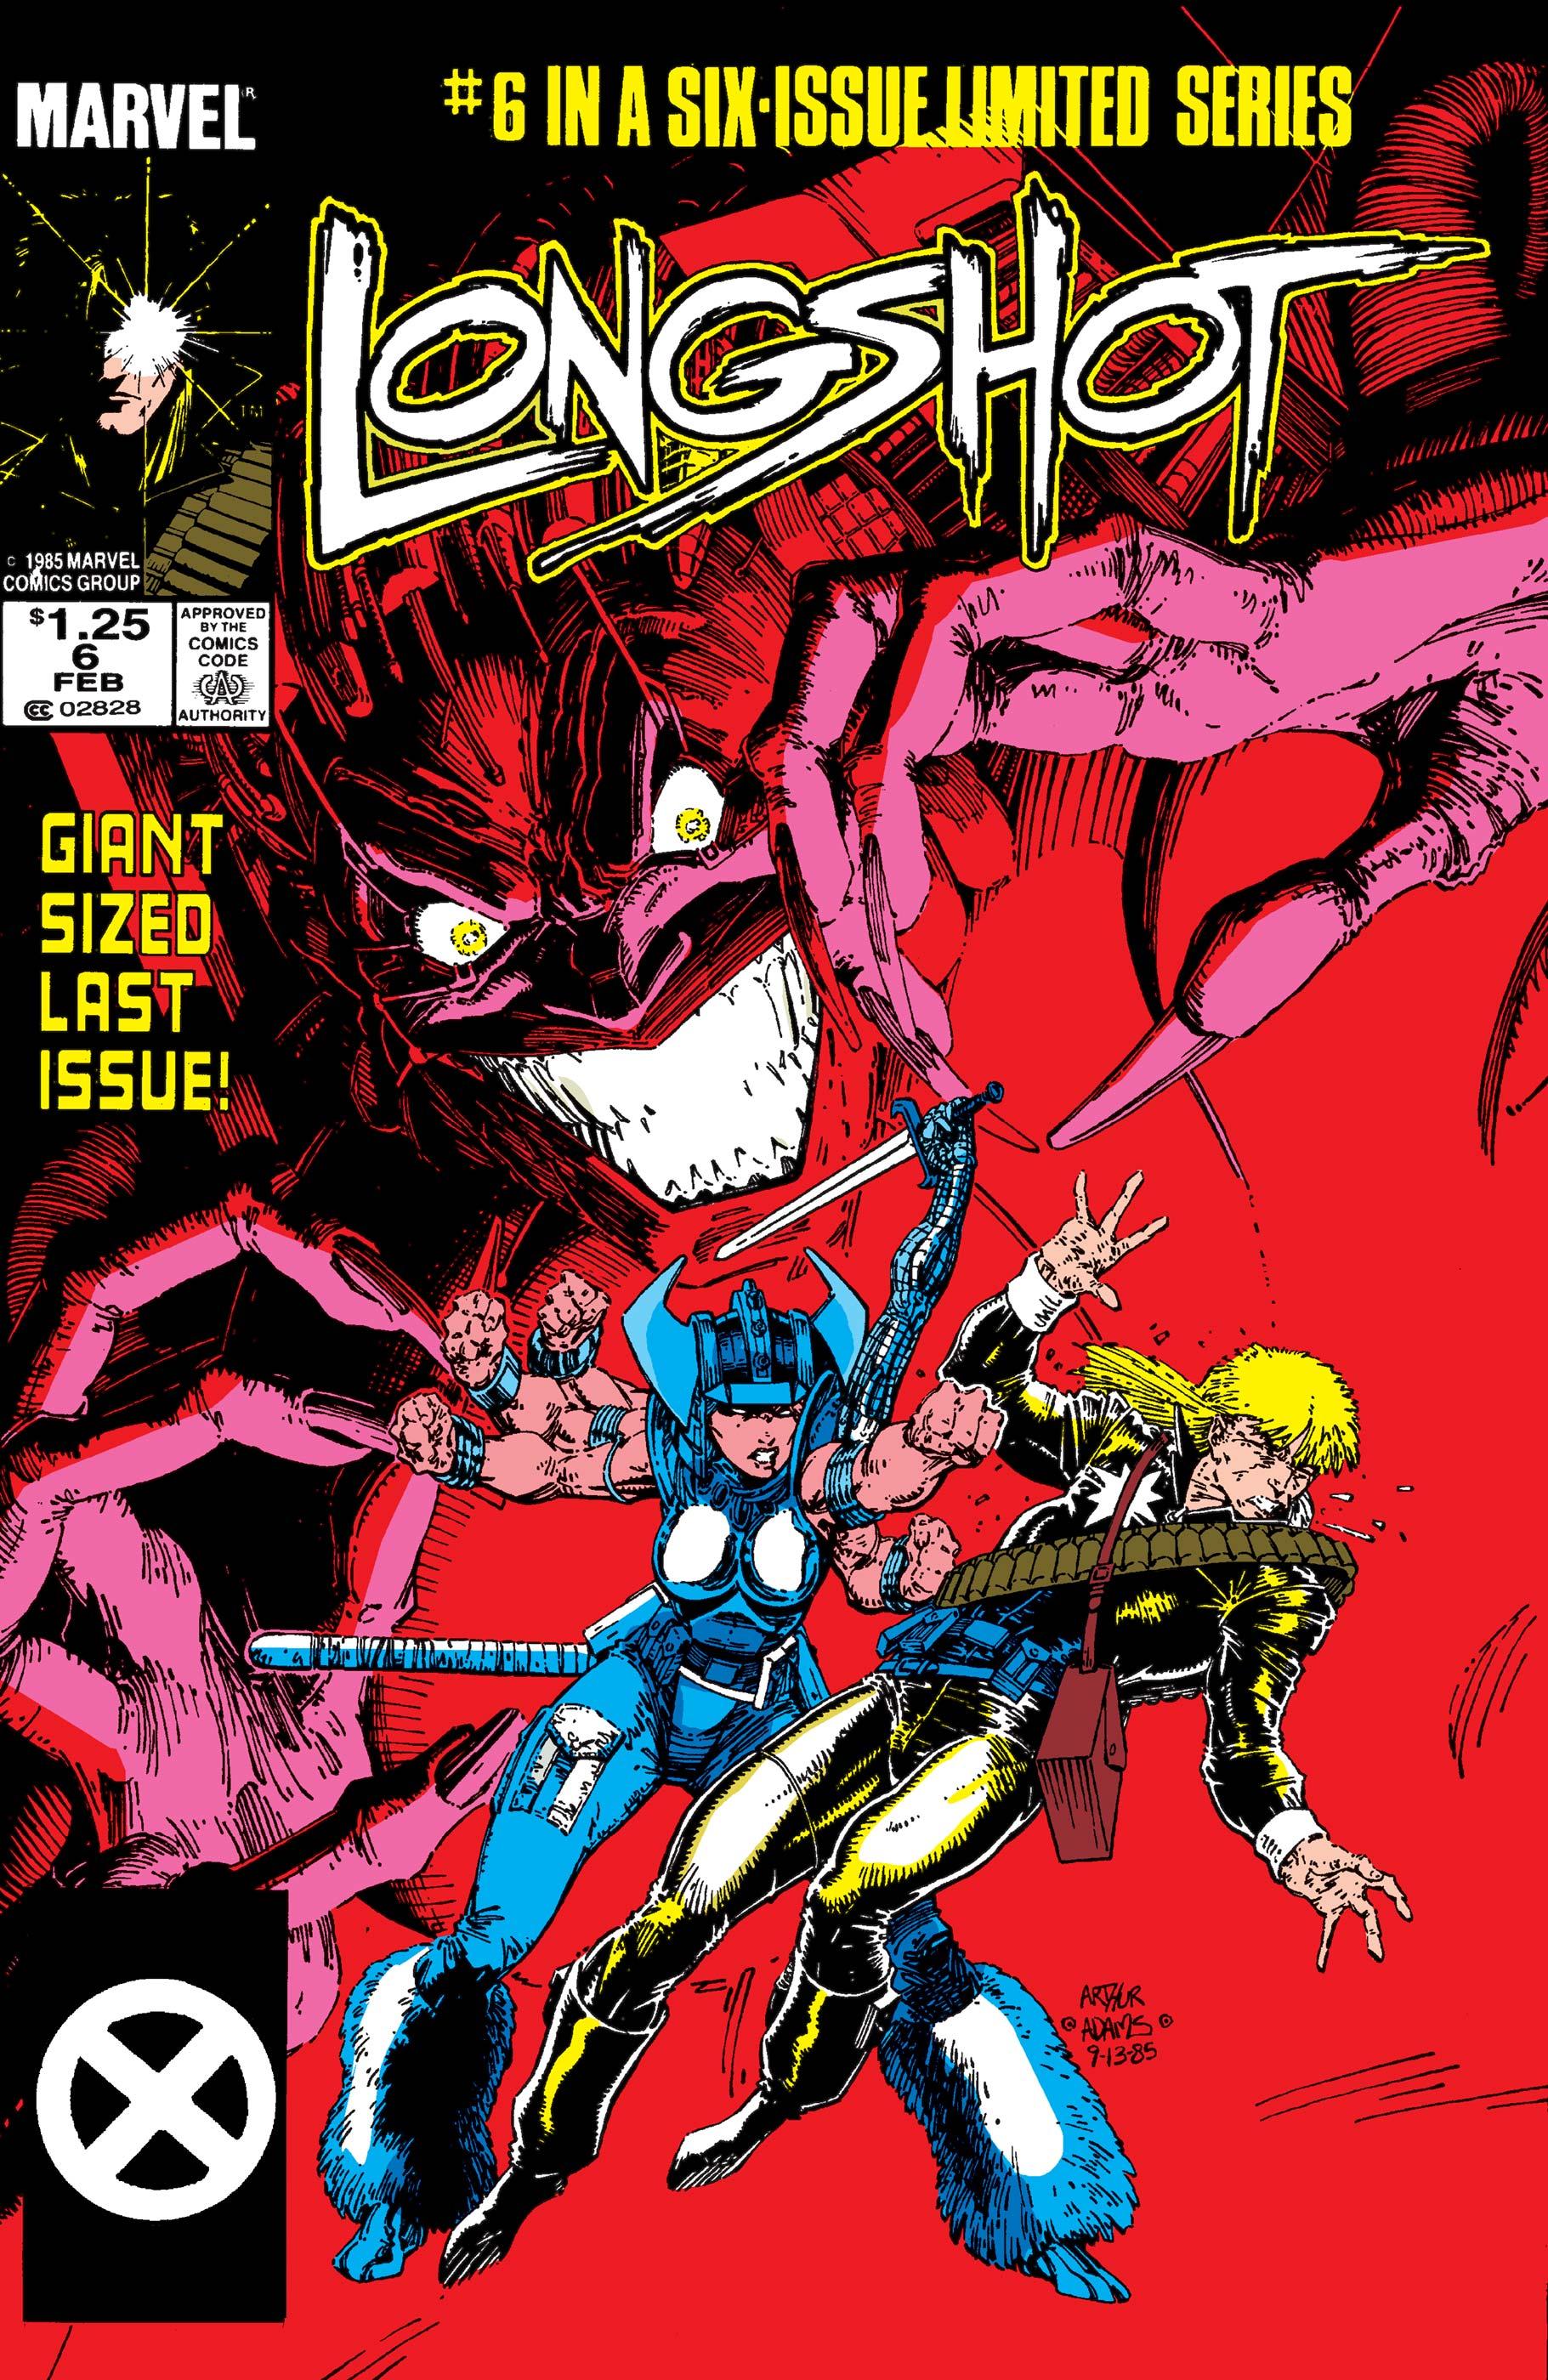 Longshot (1985) #6